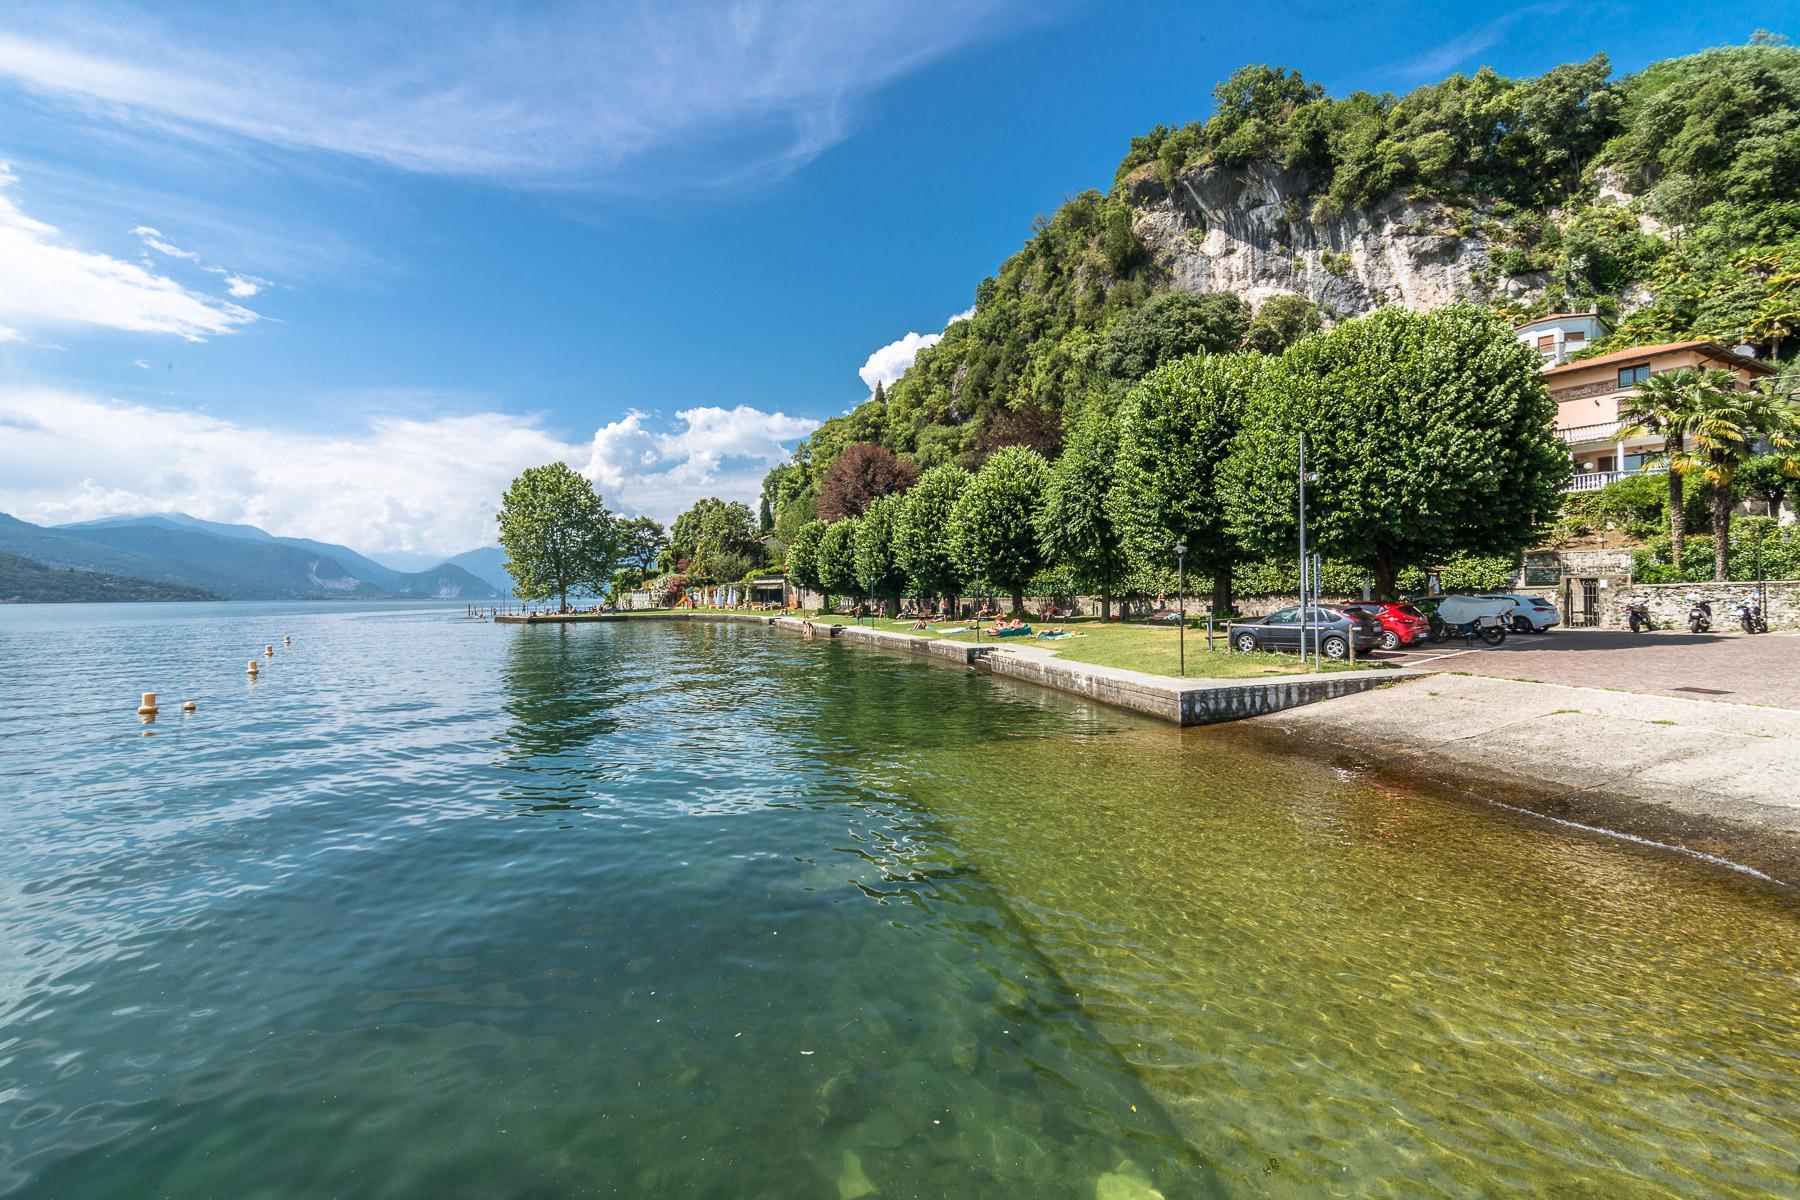 Casa storica direttamente sul lago Maggiore - 47